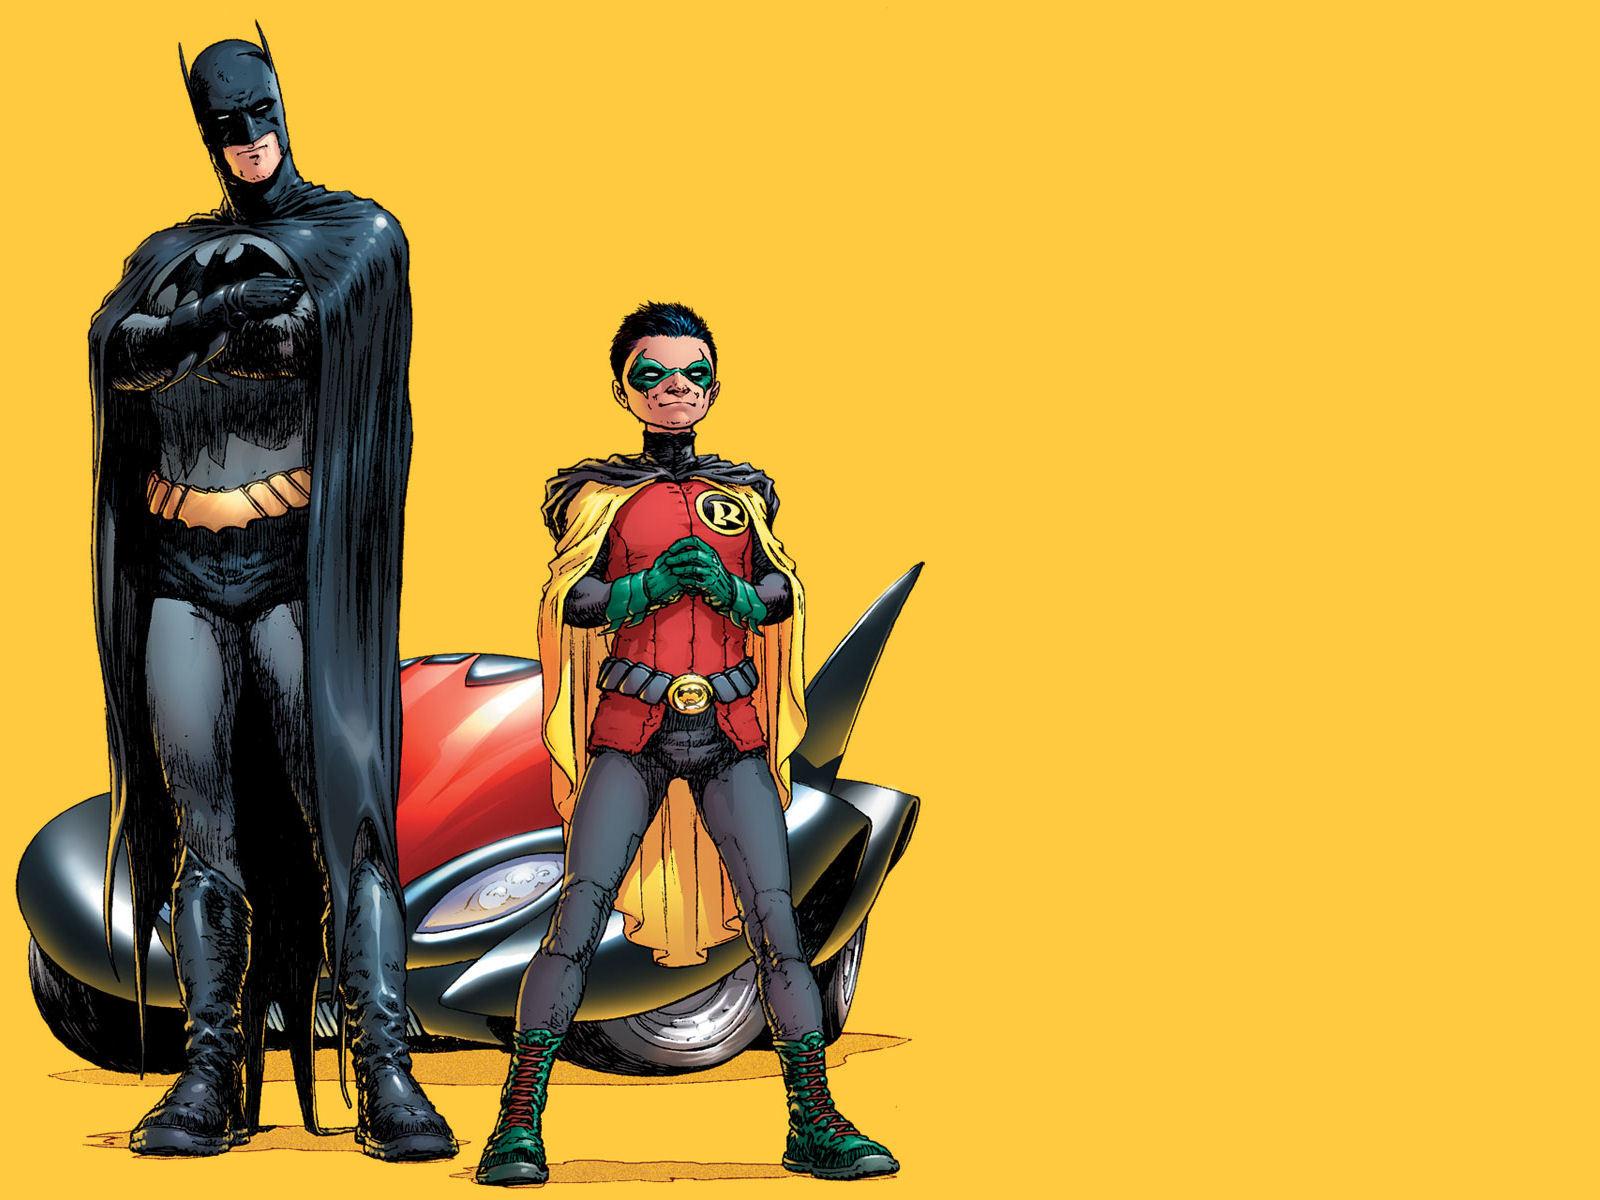 Dick Grayson as Batman.